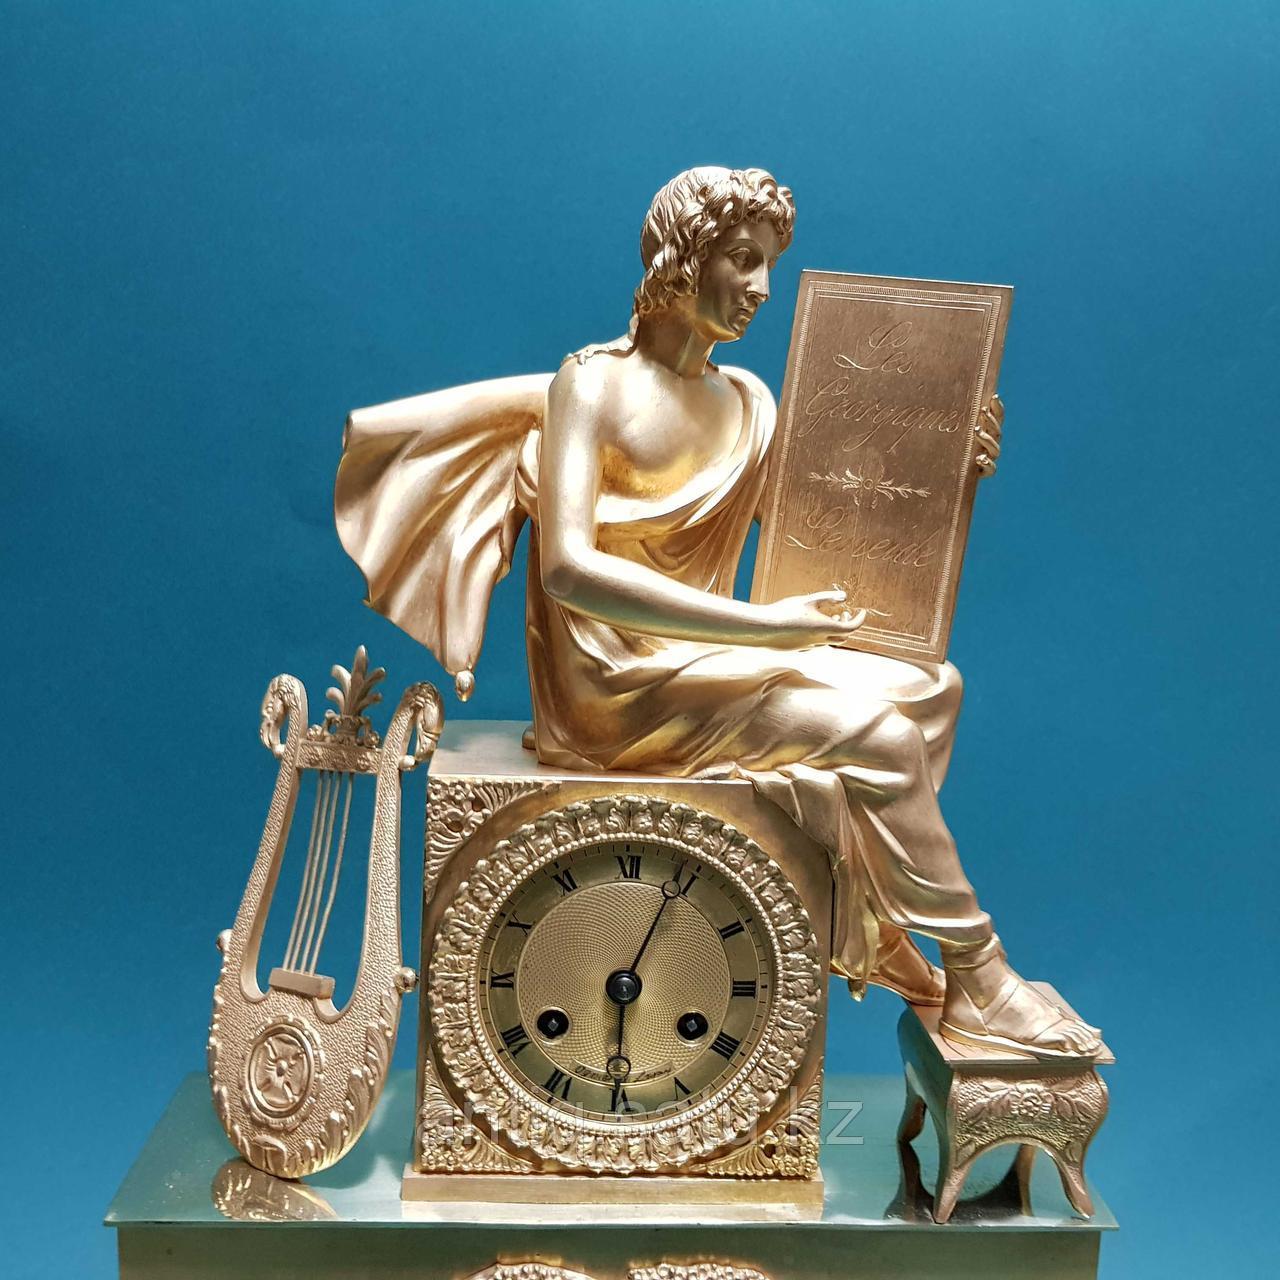 Кабинетные часы в стиле Ампир. Франция. XIX век - фото 5